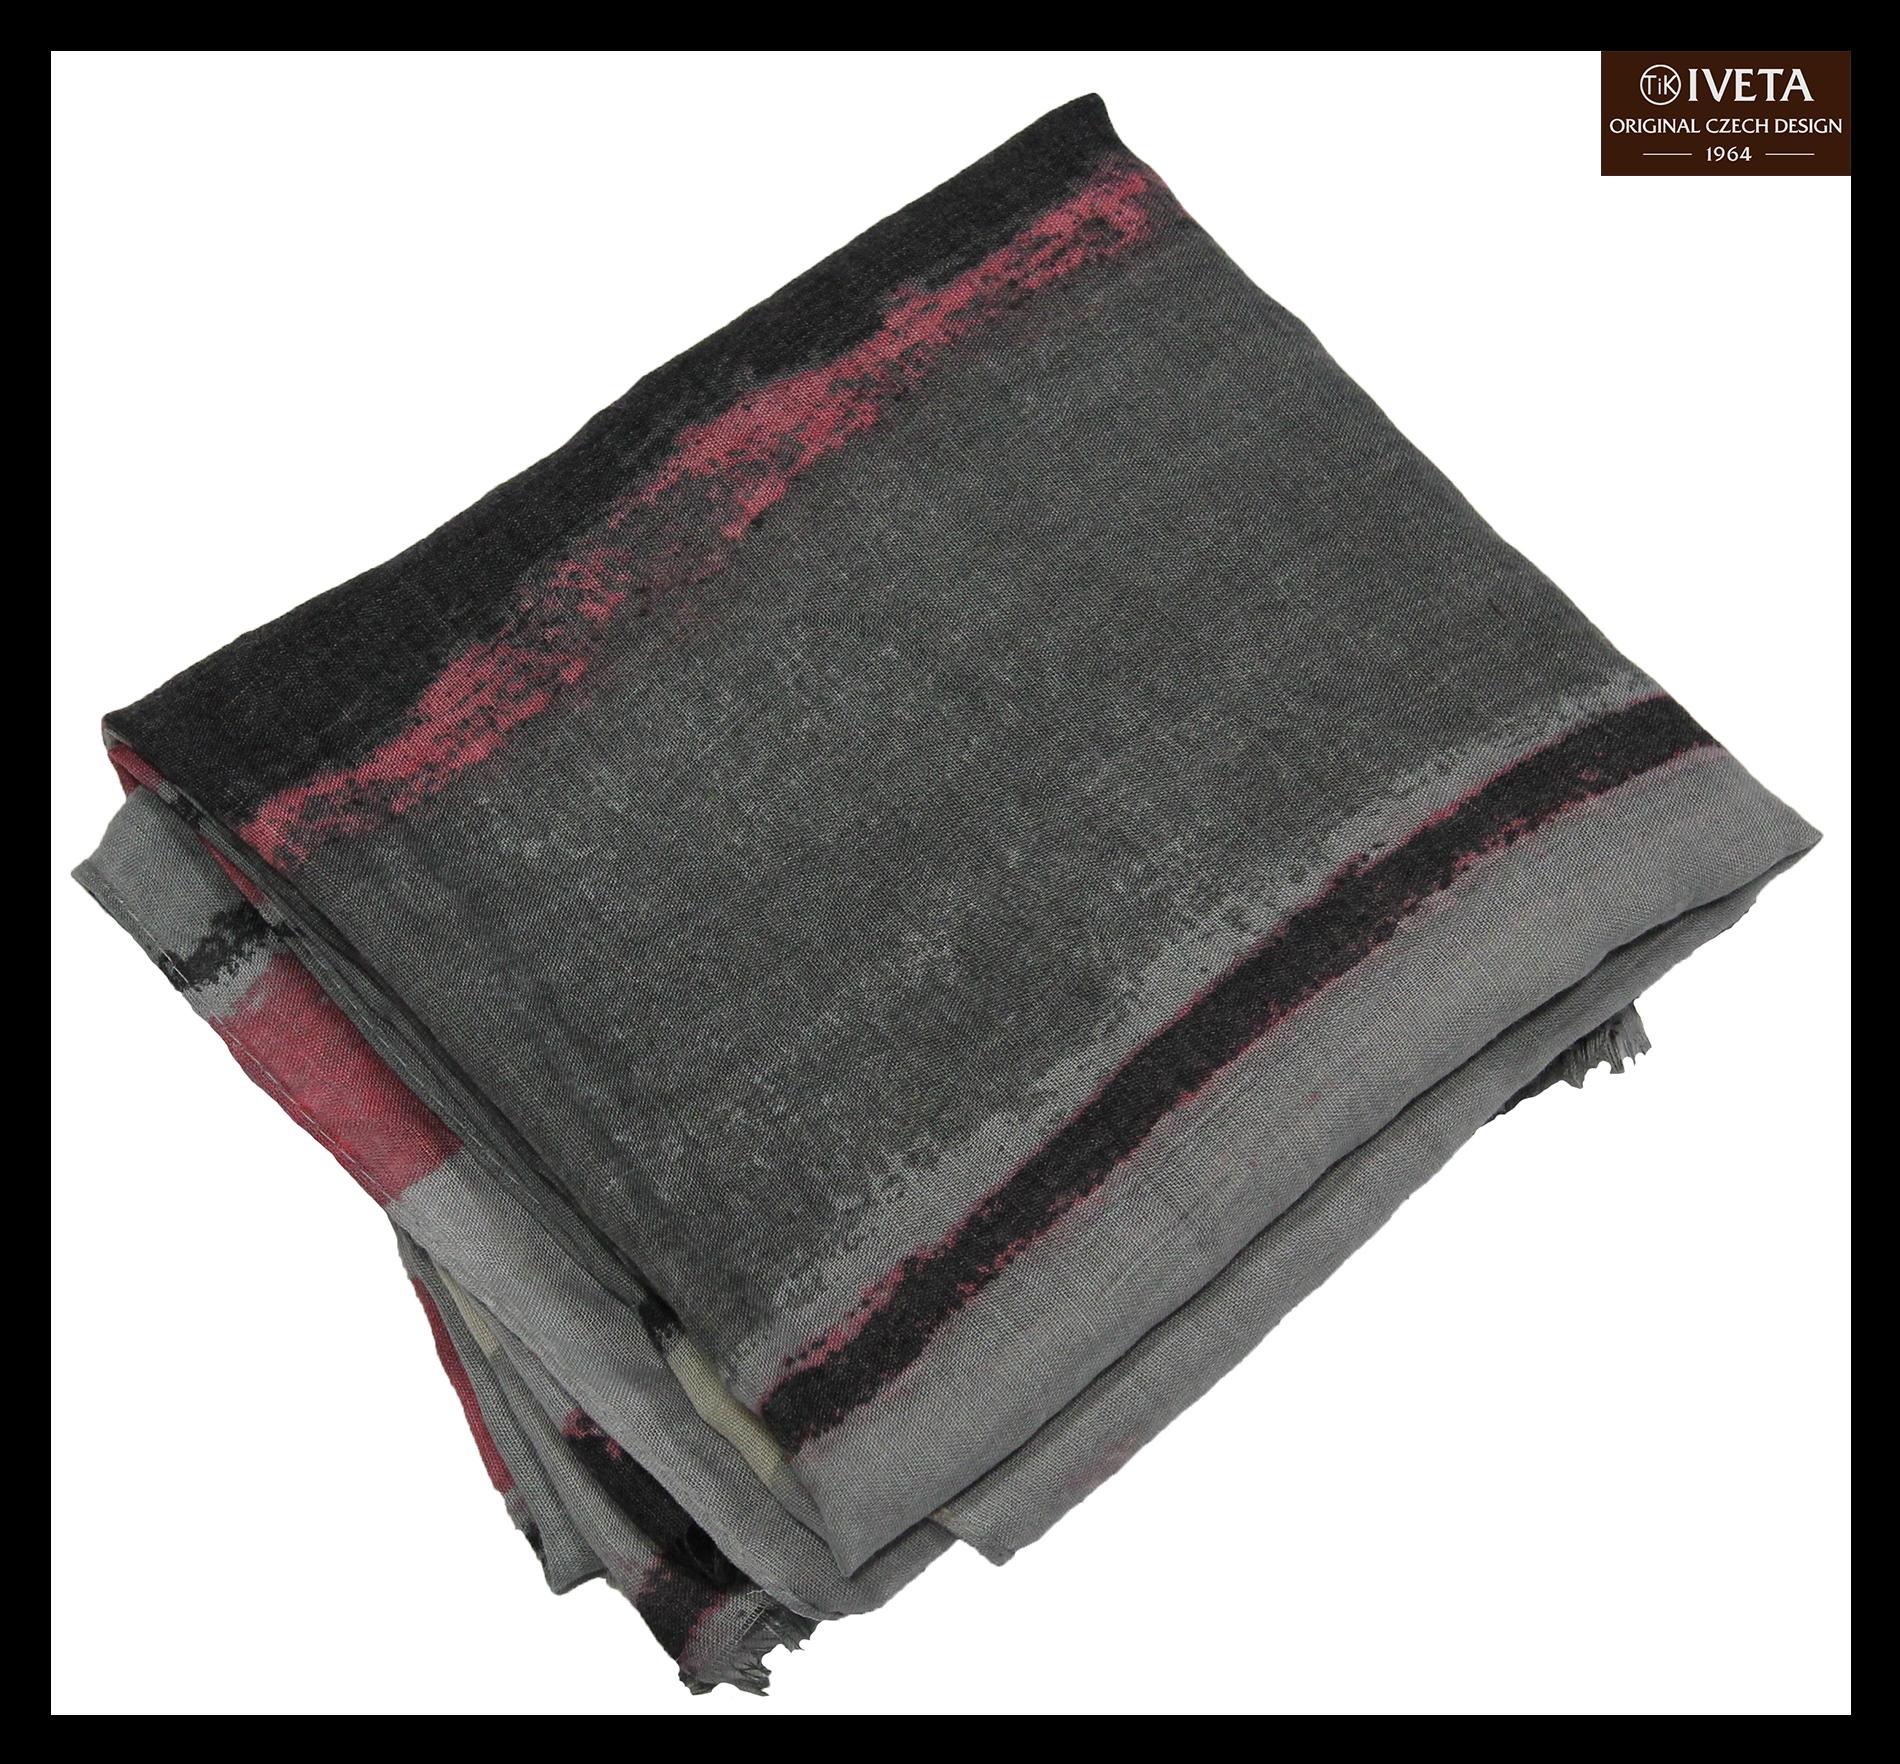 Grey-red-black-scarf-zoom.jpg